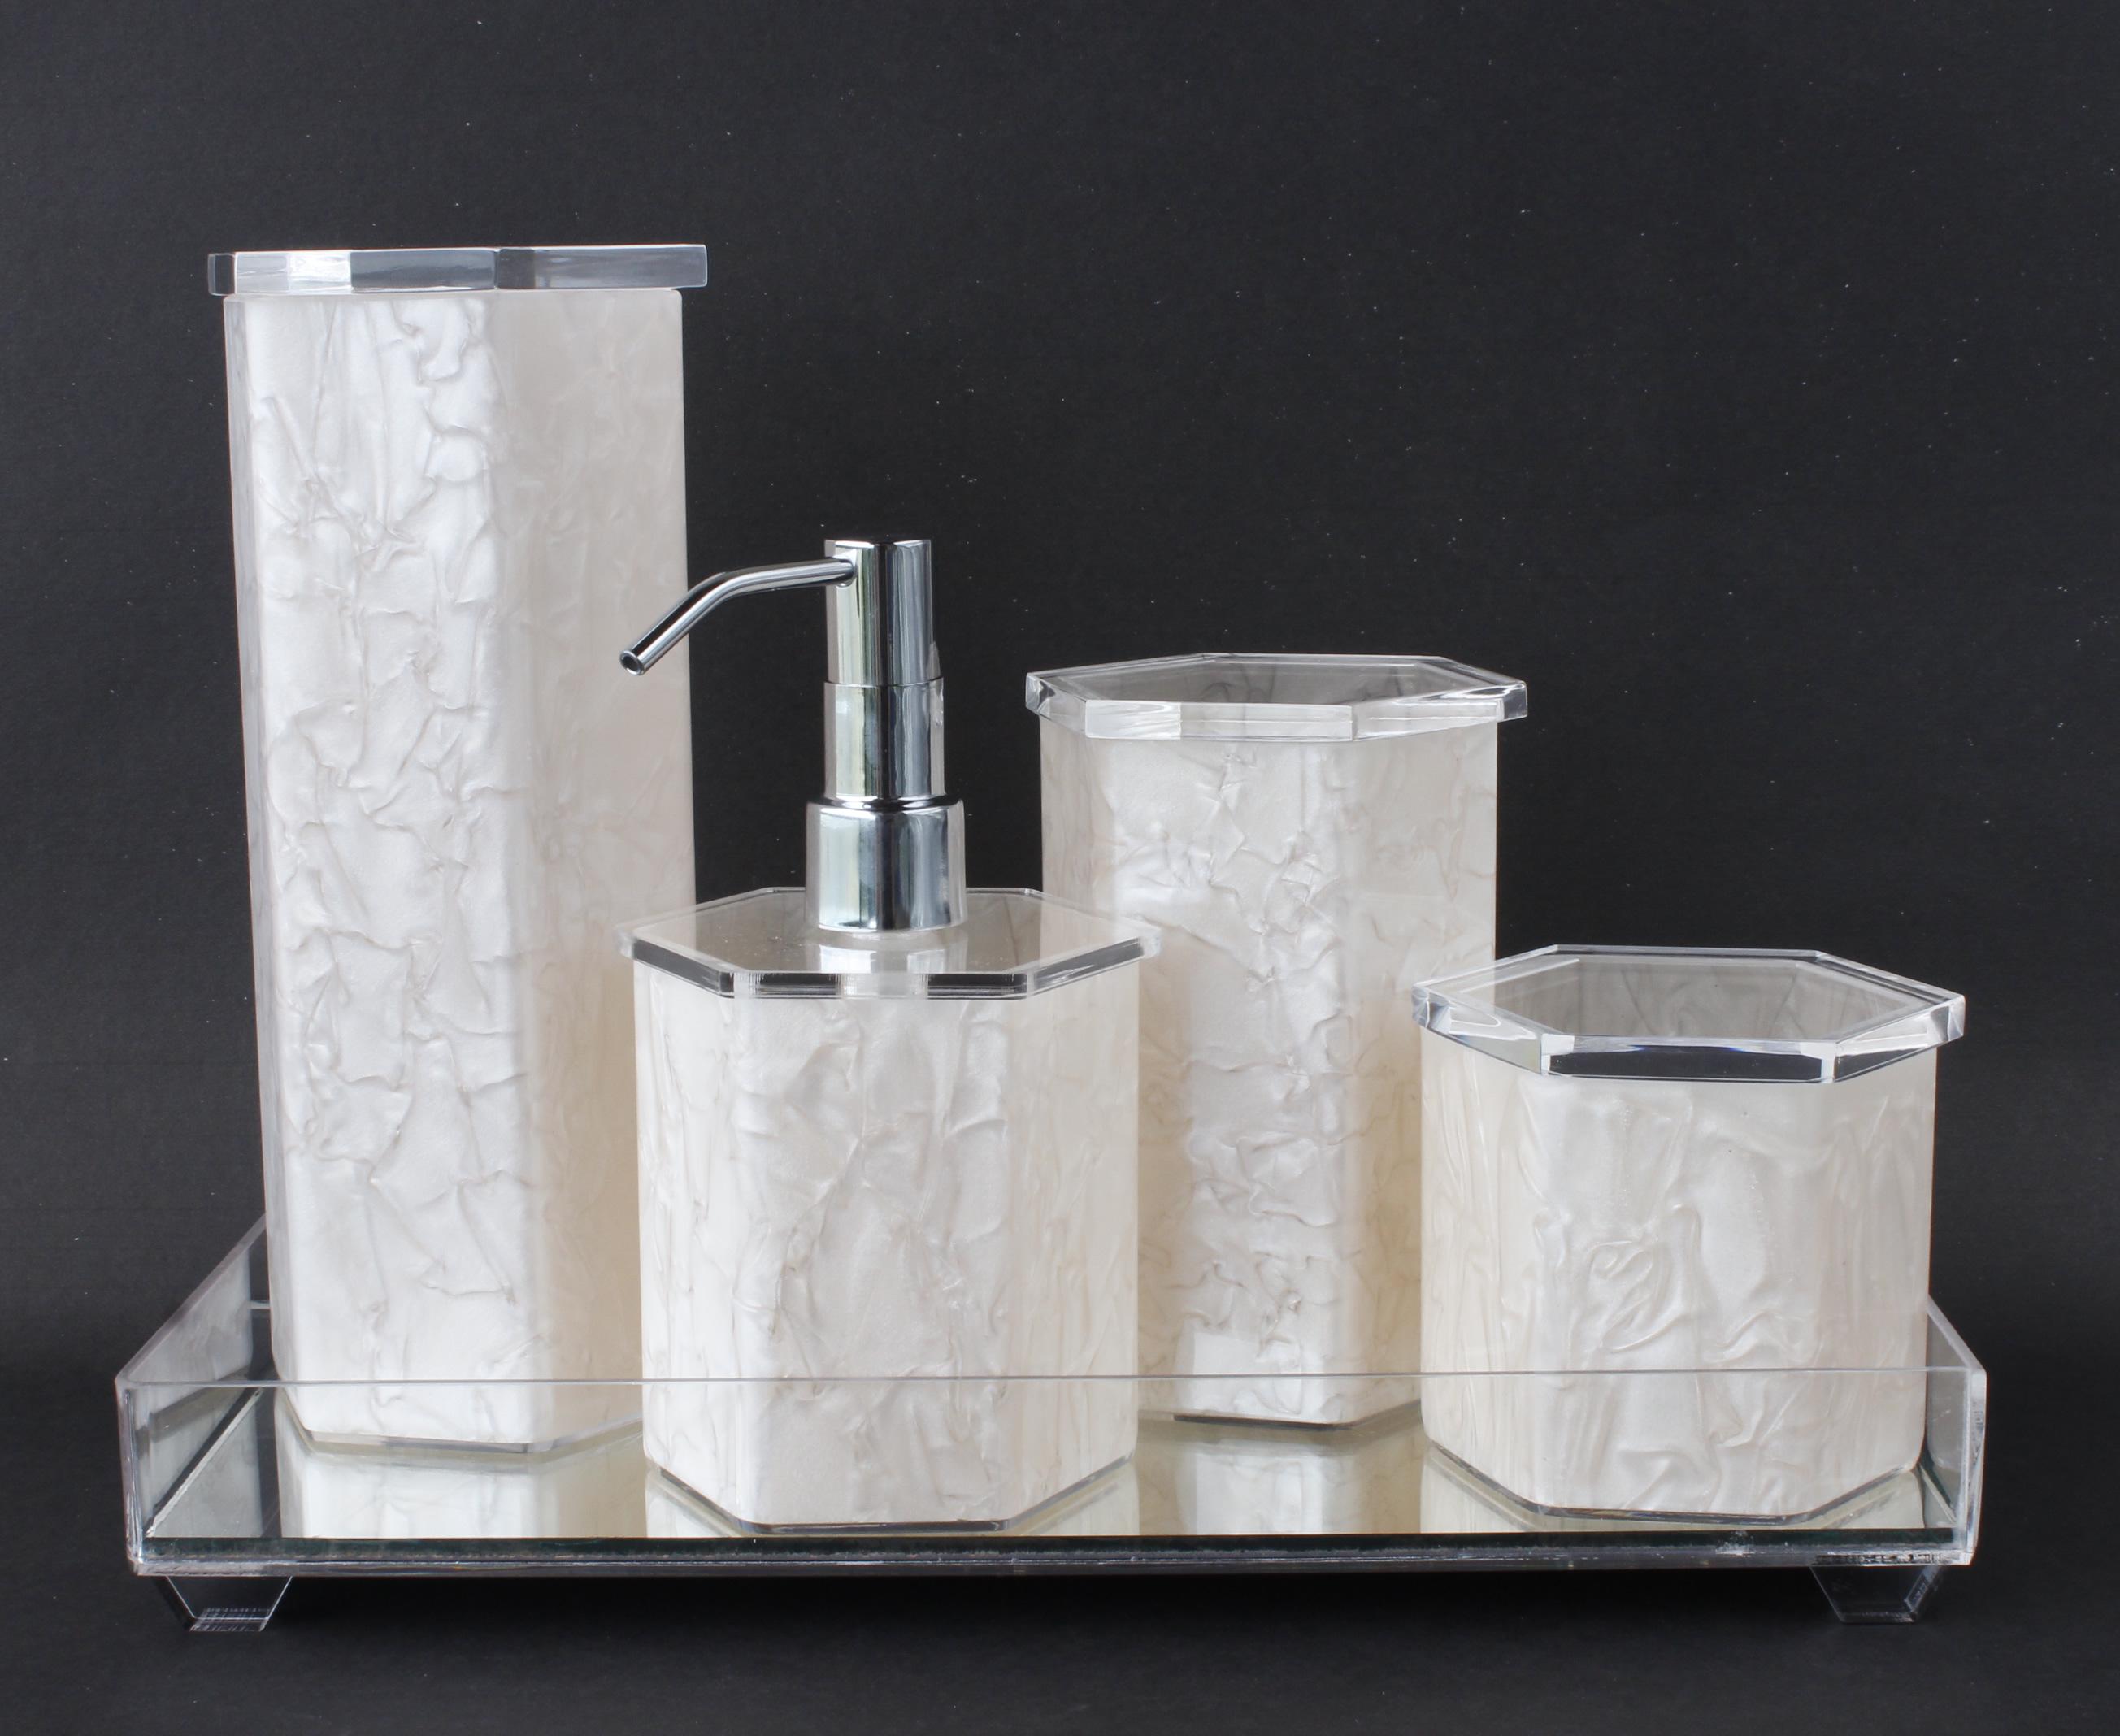 Imagens de #746757 kit higiene banheiro acrilico espelhada kit higiene acrilico 2608x2136 px 3208 Box Acrilico Para Banheiro Rj